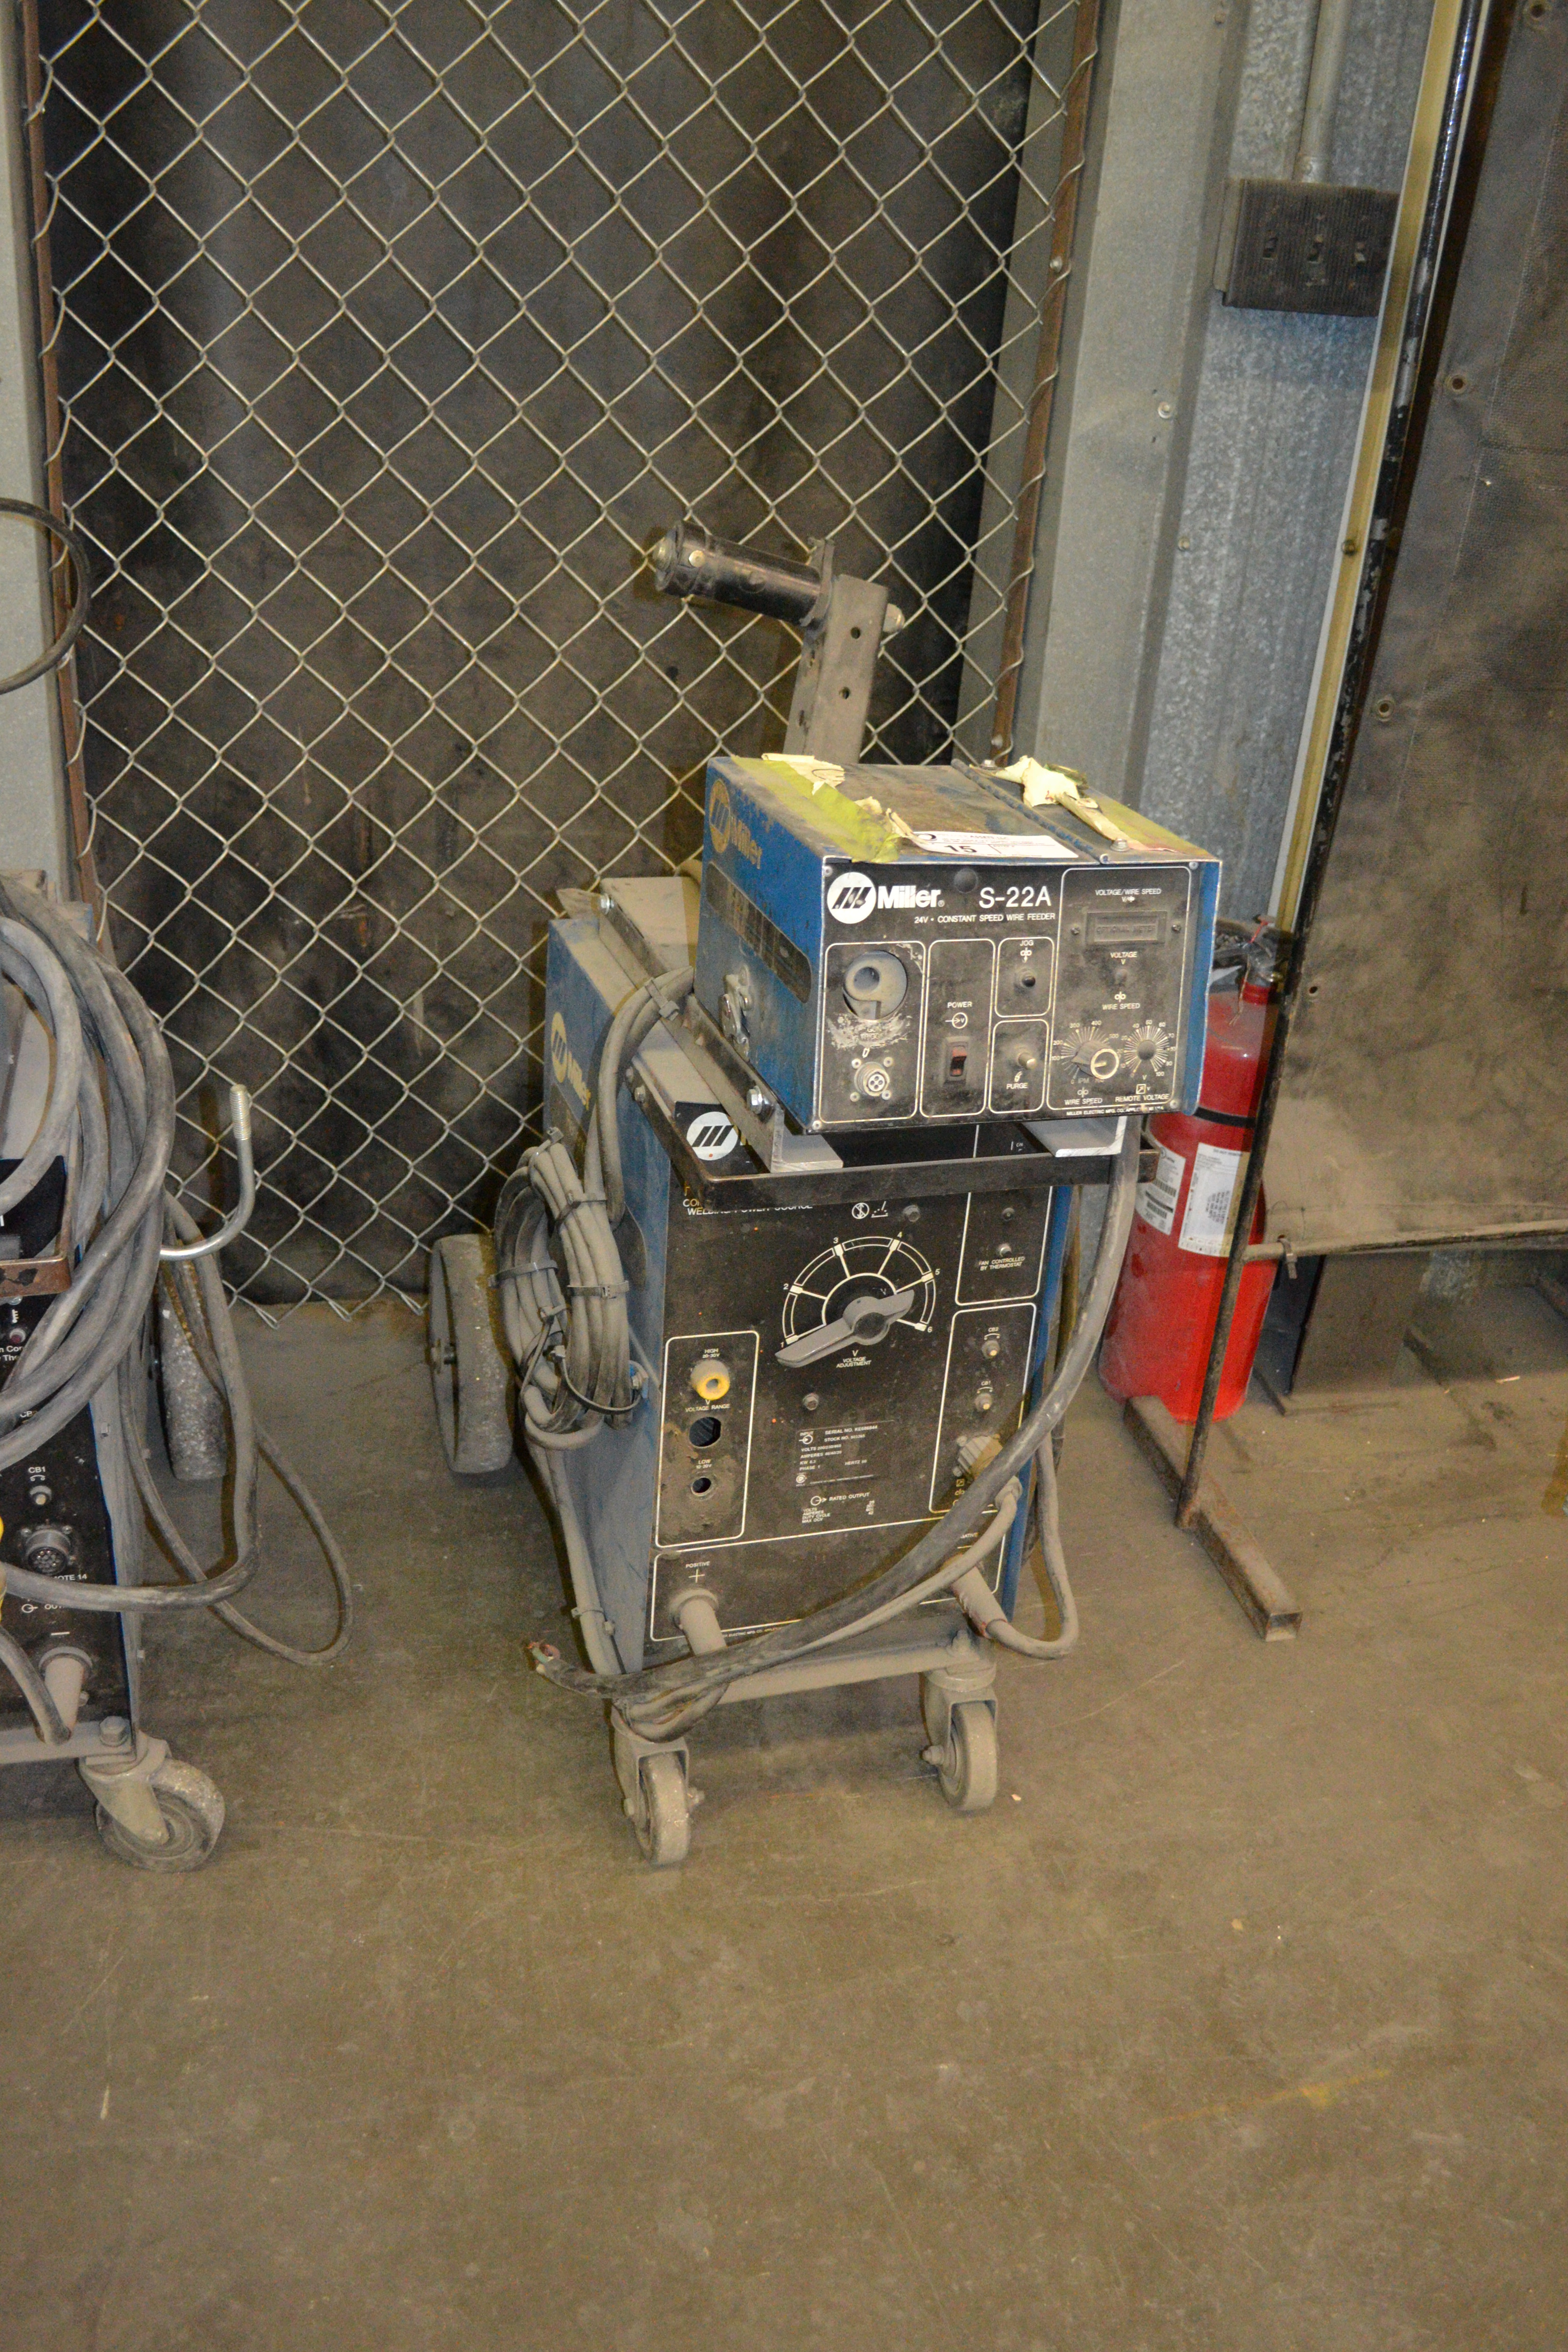 Lot 15 - Millermatic Regency 250 CV/DC welder with wire feed